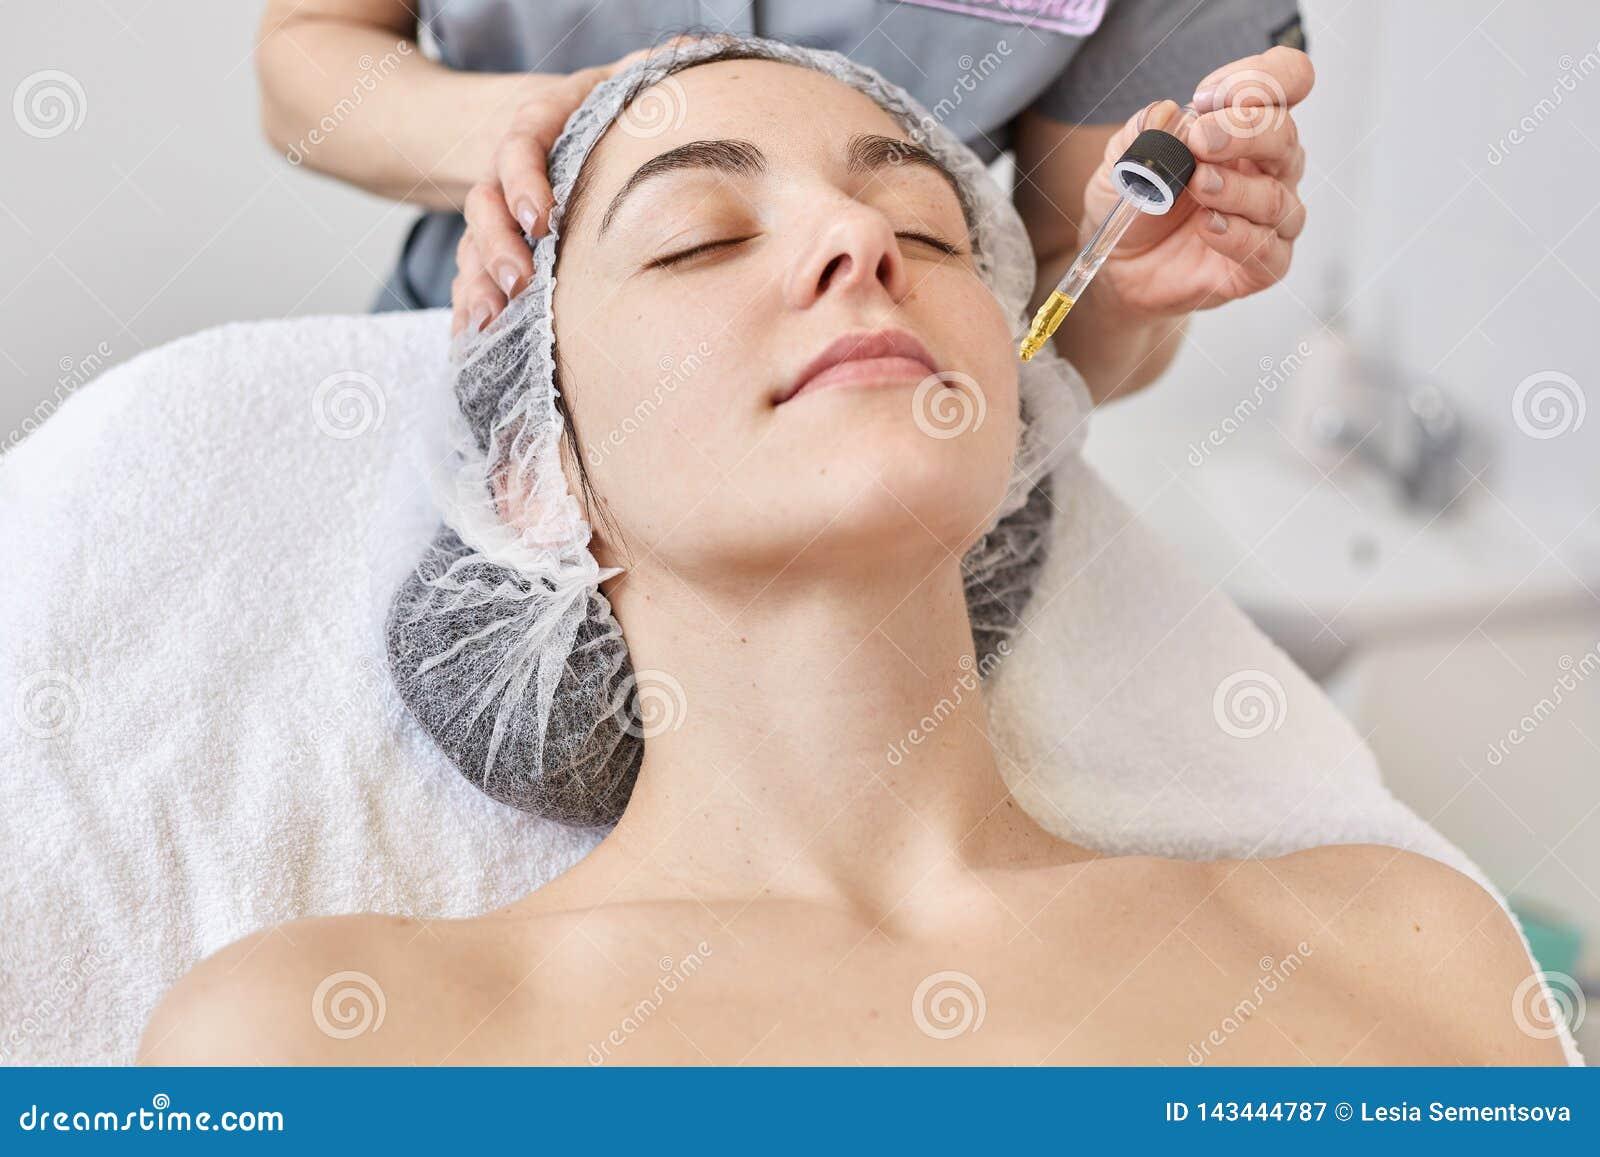 Доктор делает процедуру по beautician, сыворотку витамина applys для того чтобы смотреть на красивой женщины, клиента клиники кос